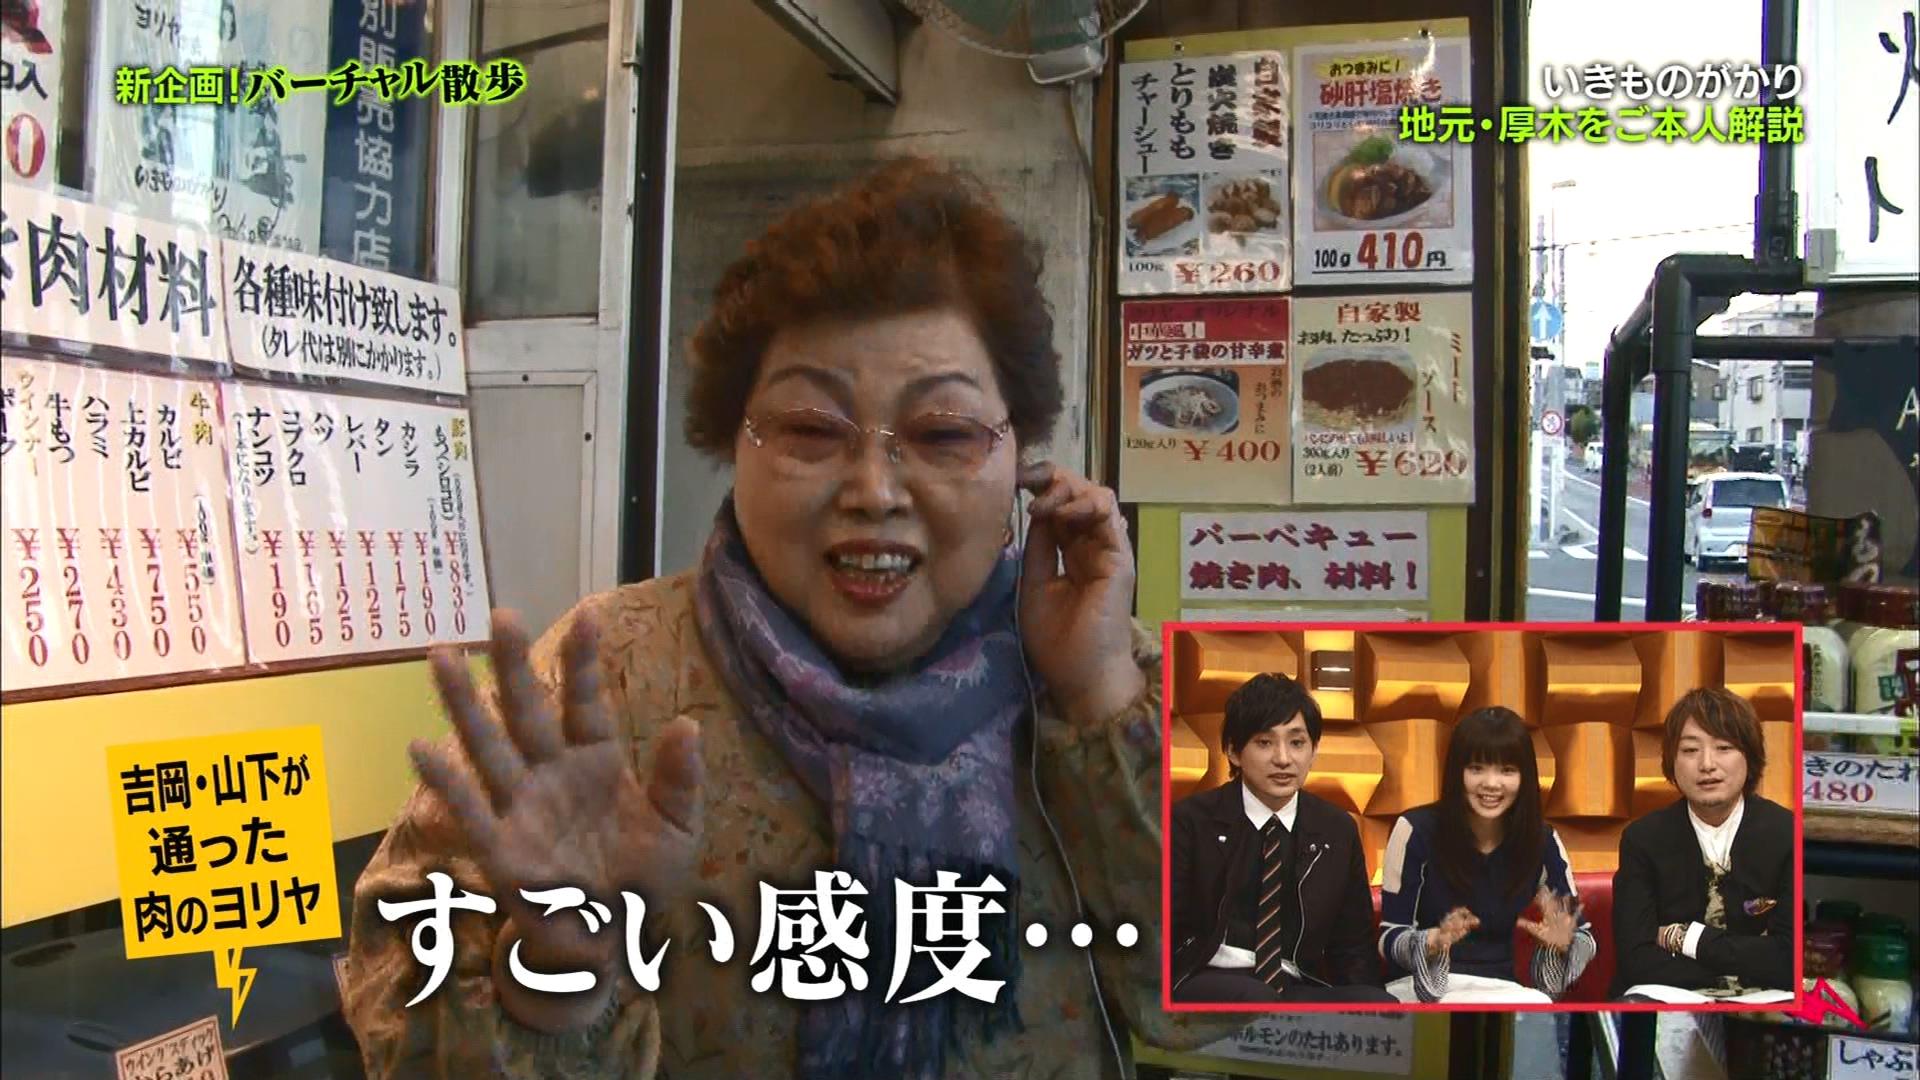 2016.03.11 全場(バズリズム).ts_20160312_015004.218